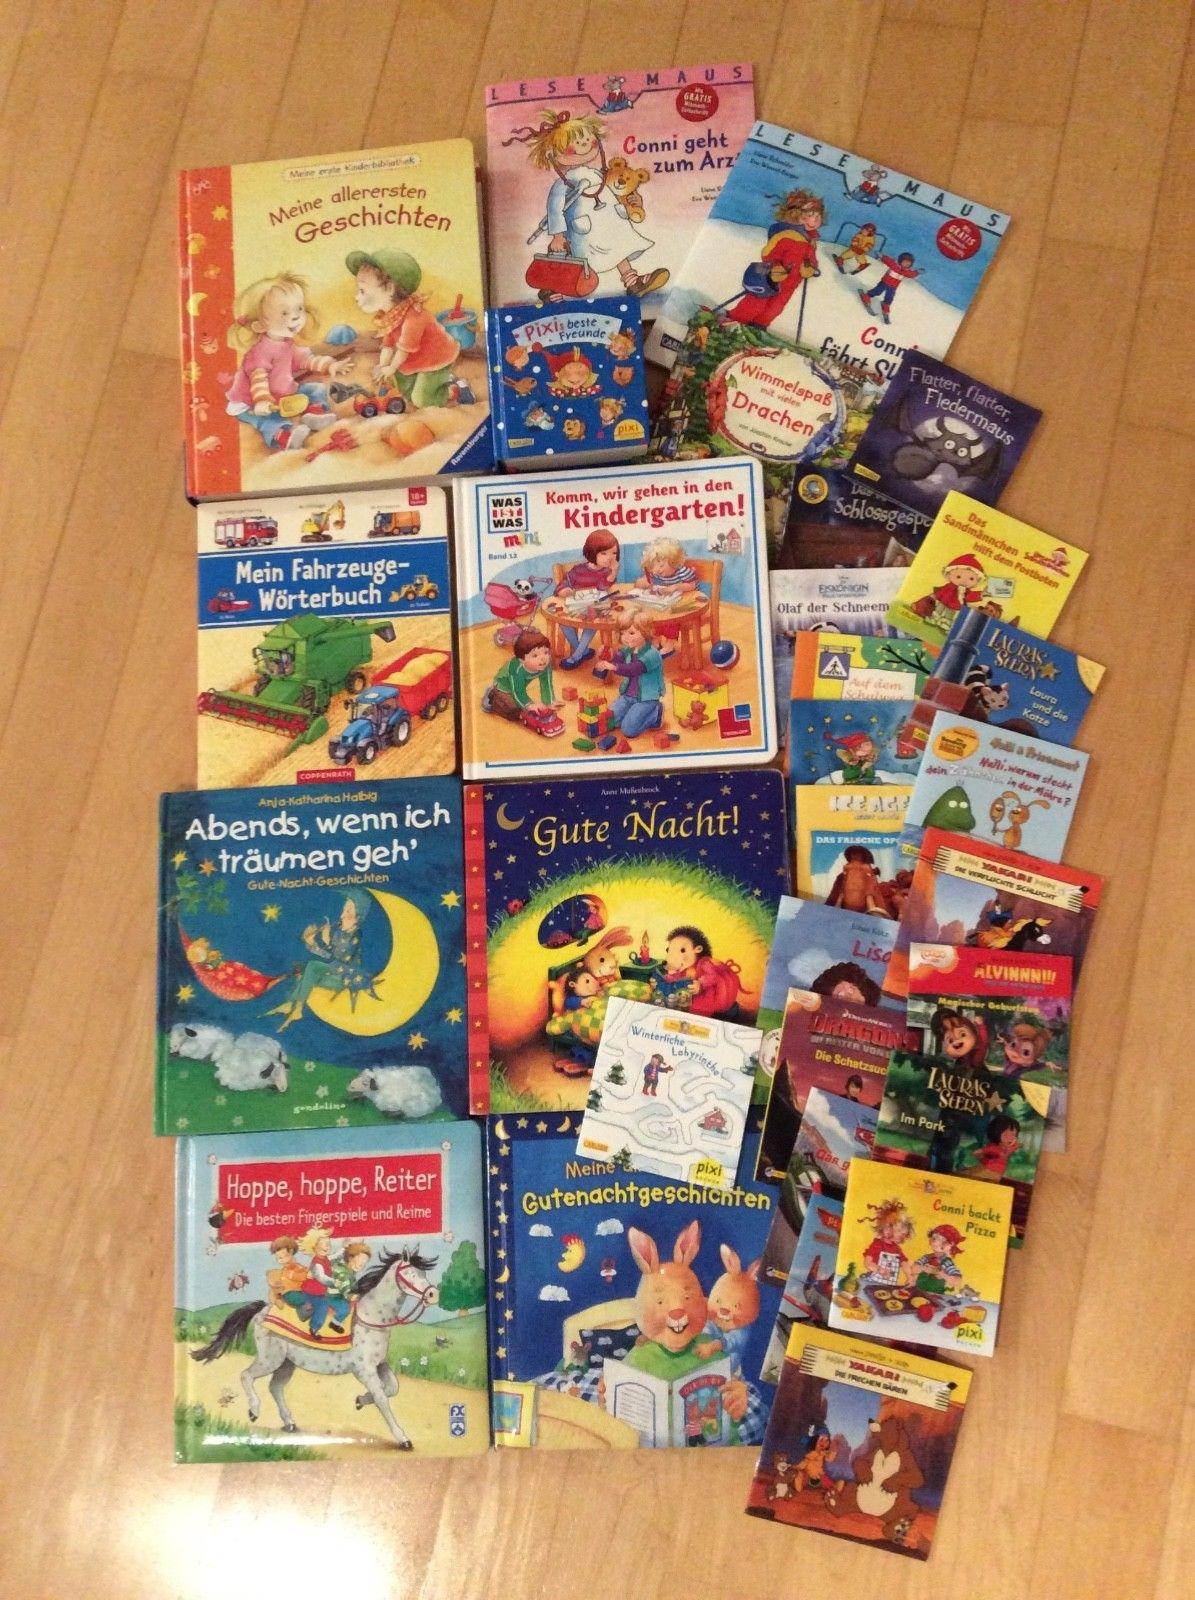 Kinderbuecher PAKET Vorlesebuecher Pixi Bücher Lesemaus ab 18 Monaten